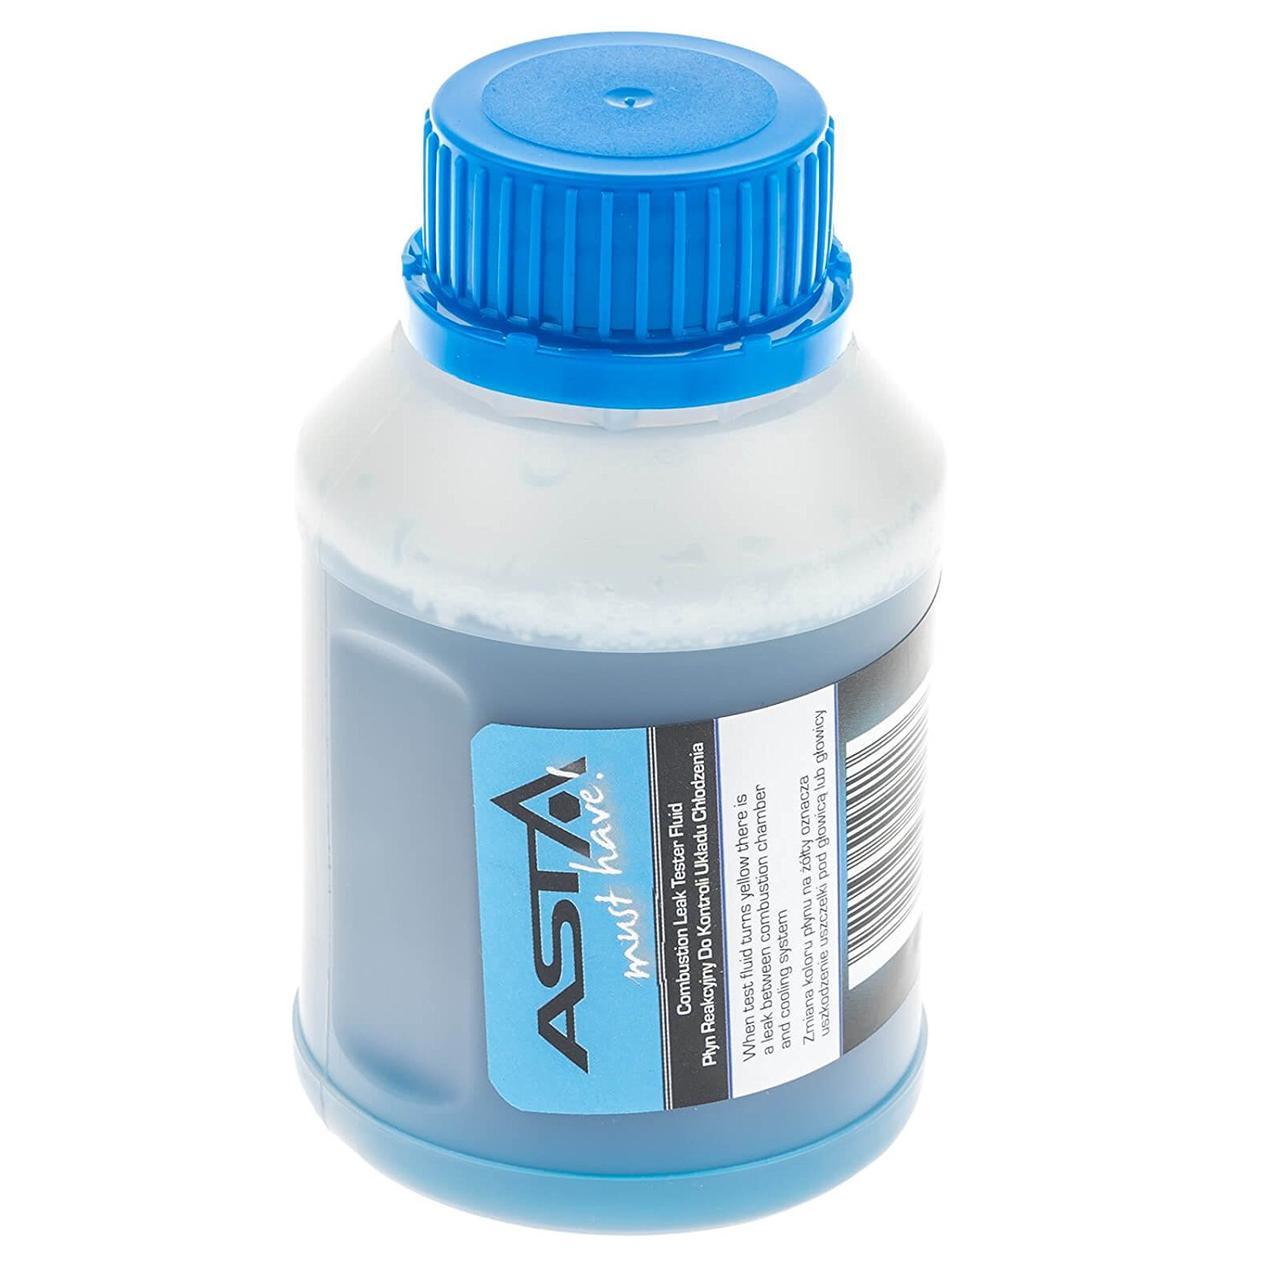 Проверочная жидкость для системы охлаждения 250 мл ASTA A-1025B-1